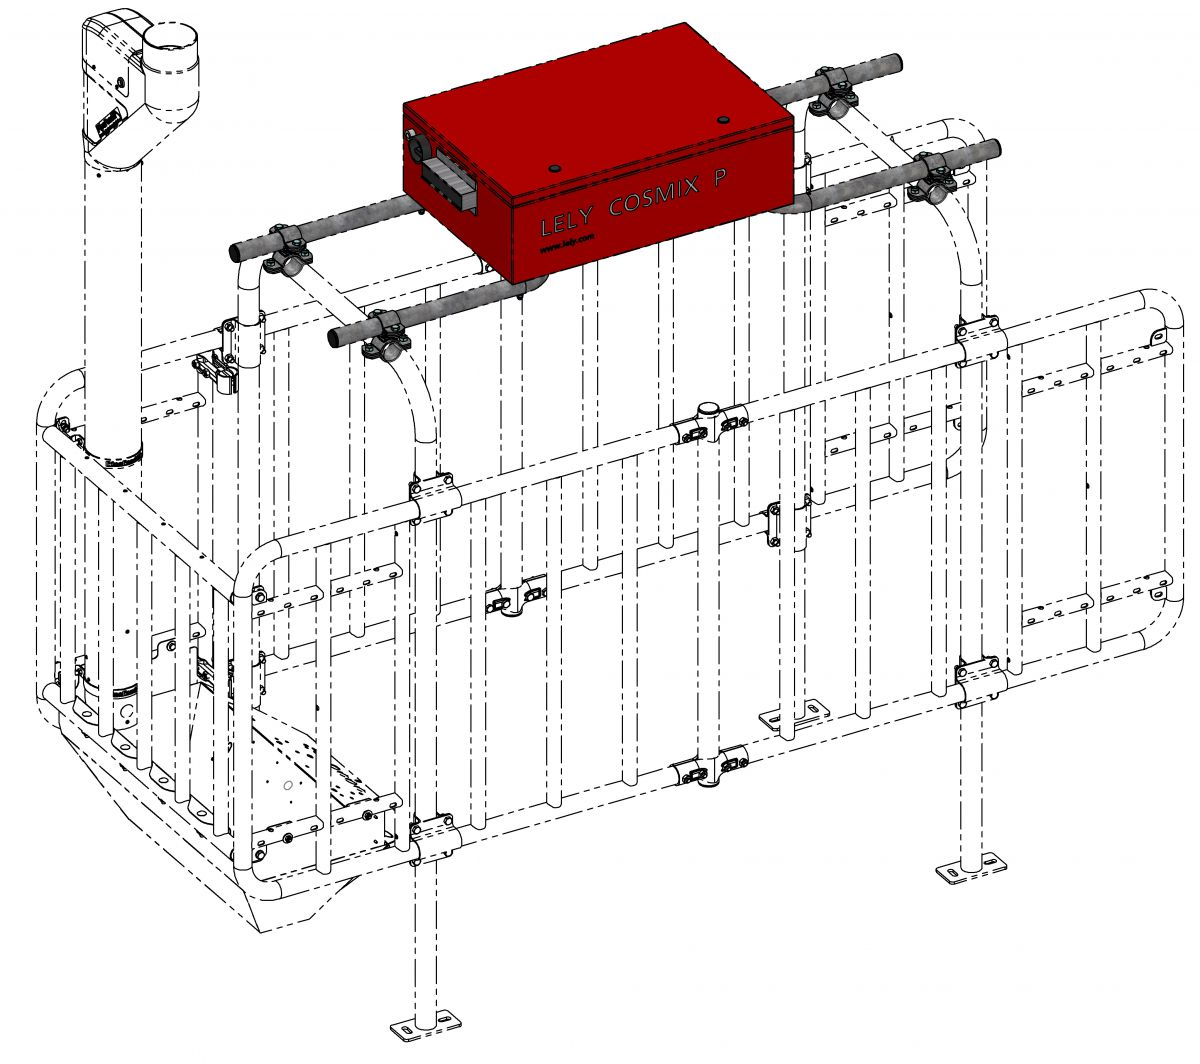 ensemble de montage identification lely au dessus de construction pour fswi et fswt